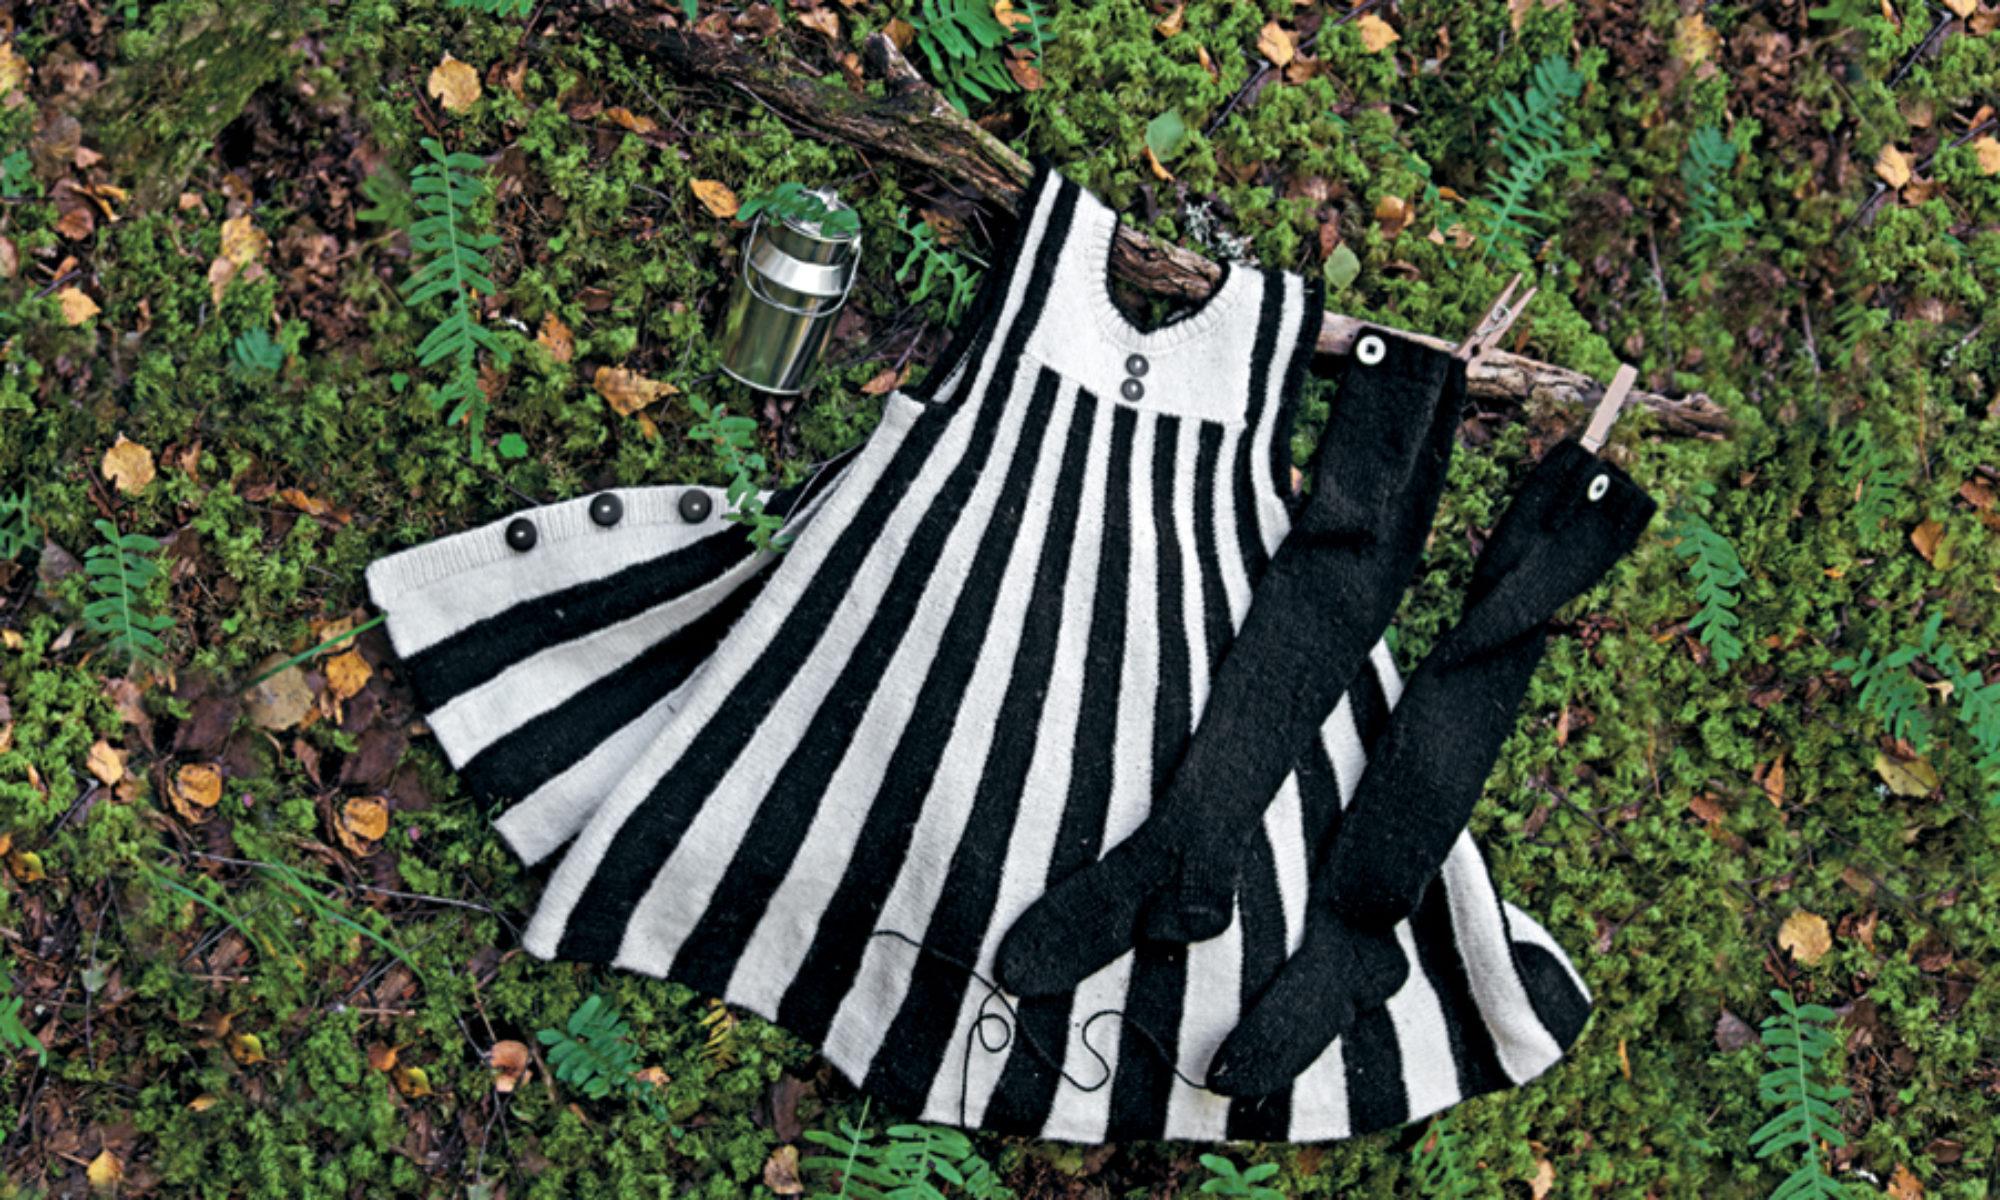 En bild på en svartvit stickad klänning som ligger utspridd på mossa i skogen